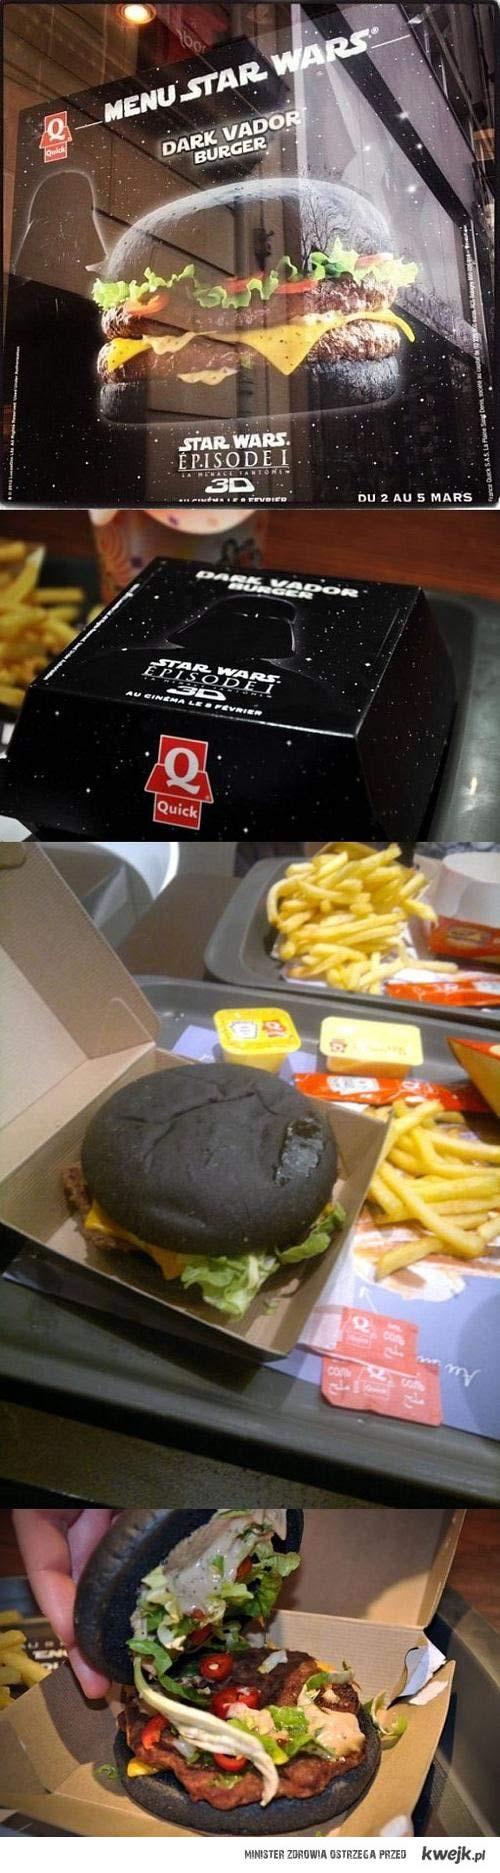 Dark Vader Burger